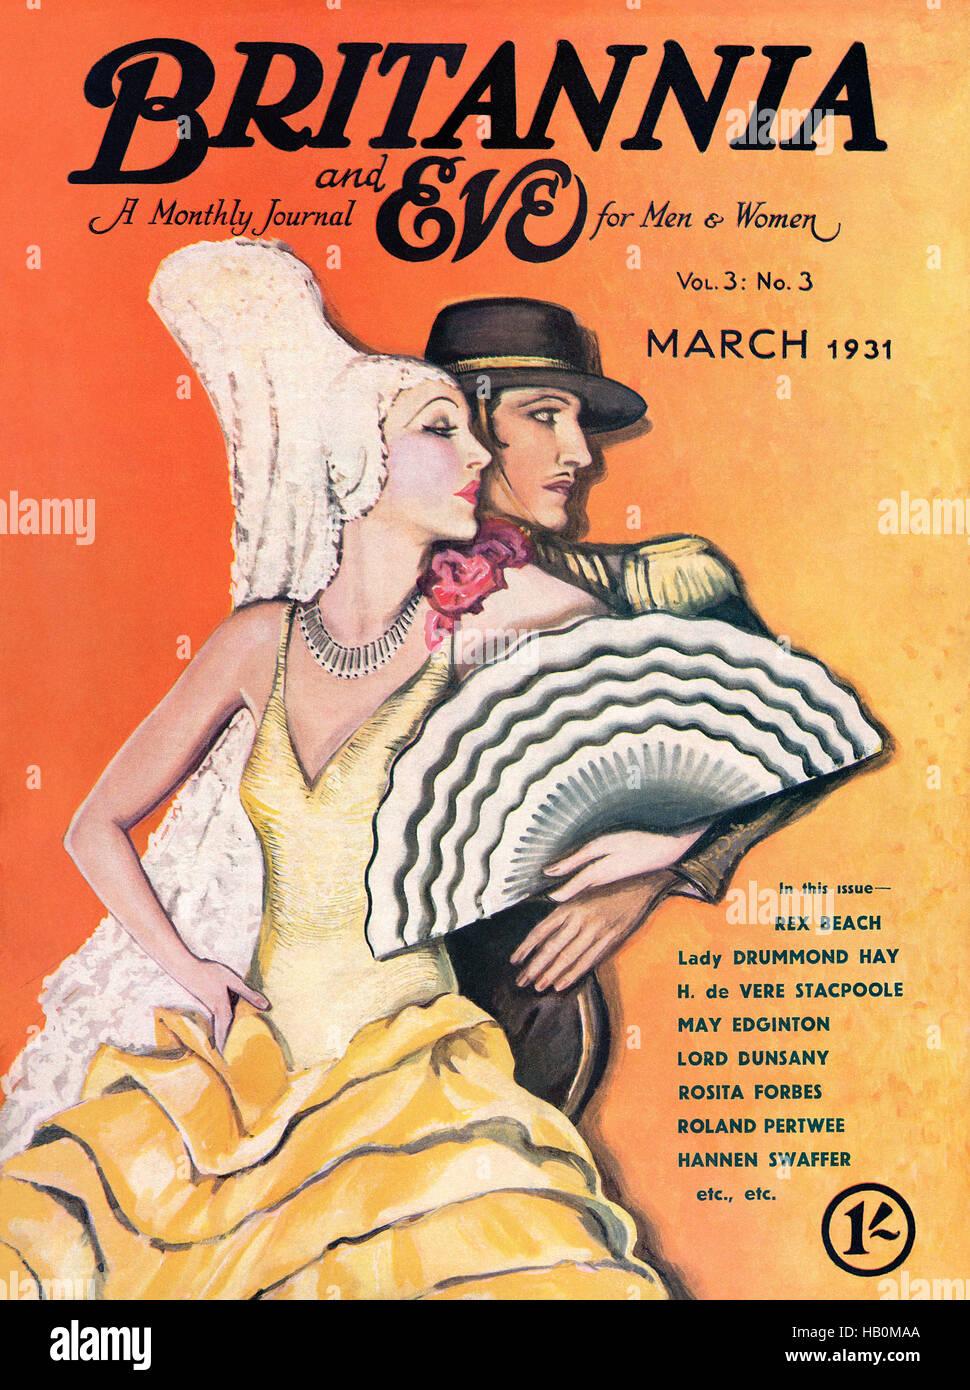 Coperchio anteriore della Britannia e vigilia magazine per il mese di marzo 1931 Immagini Stock